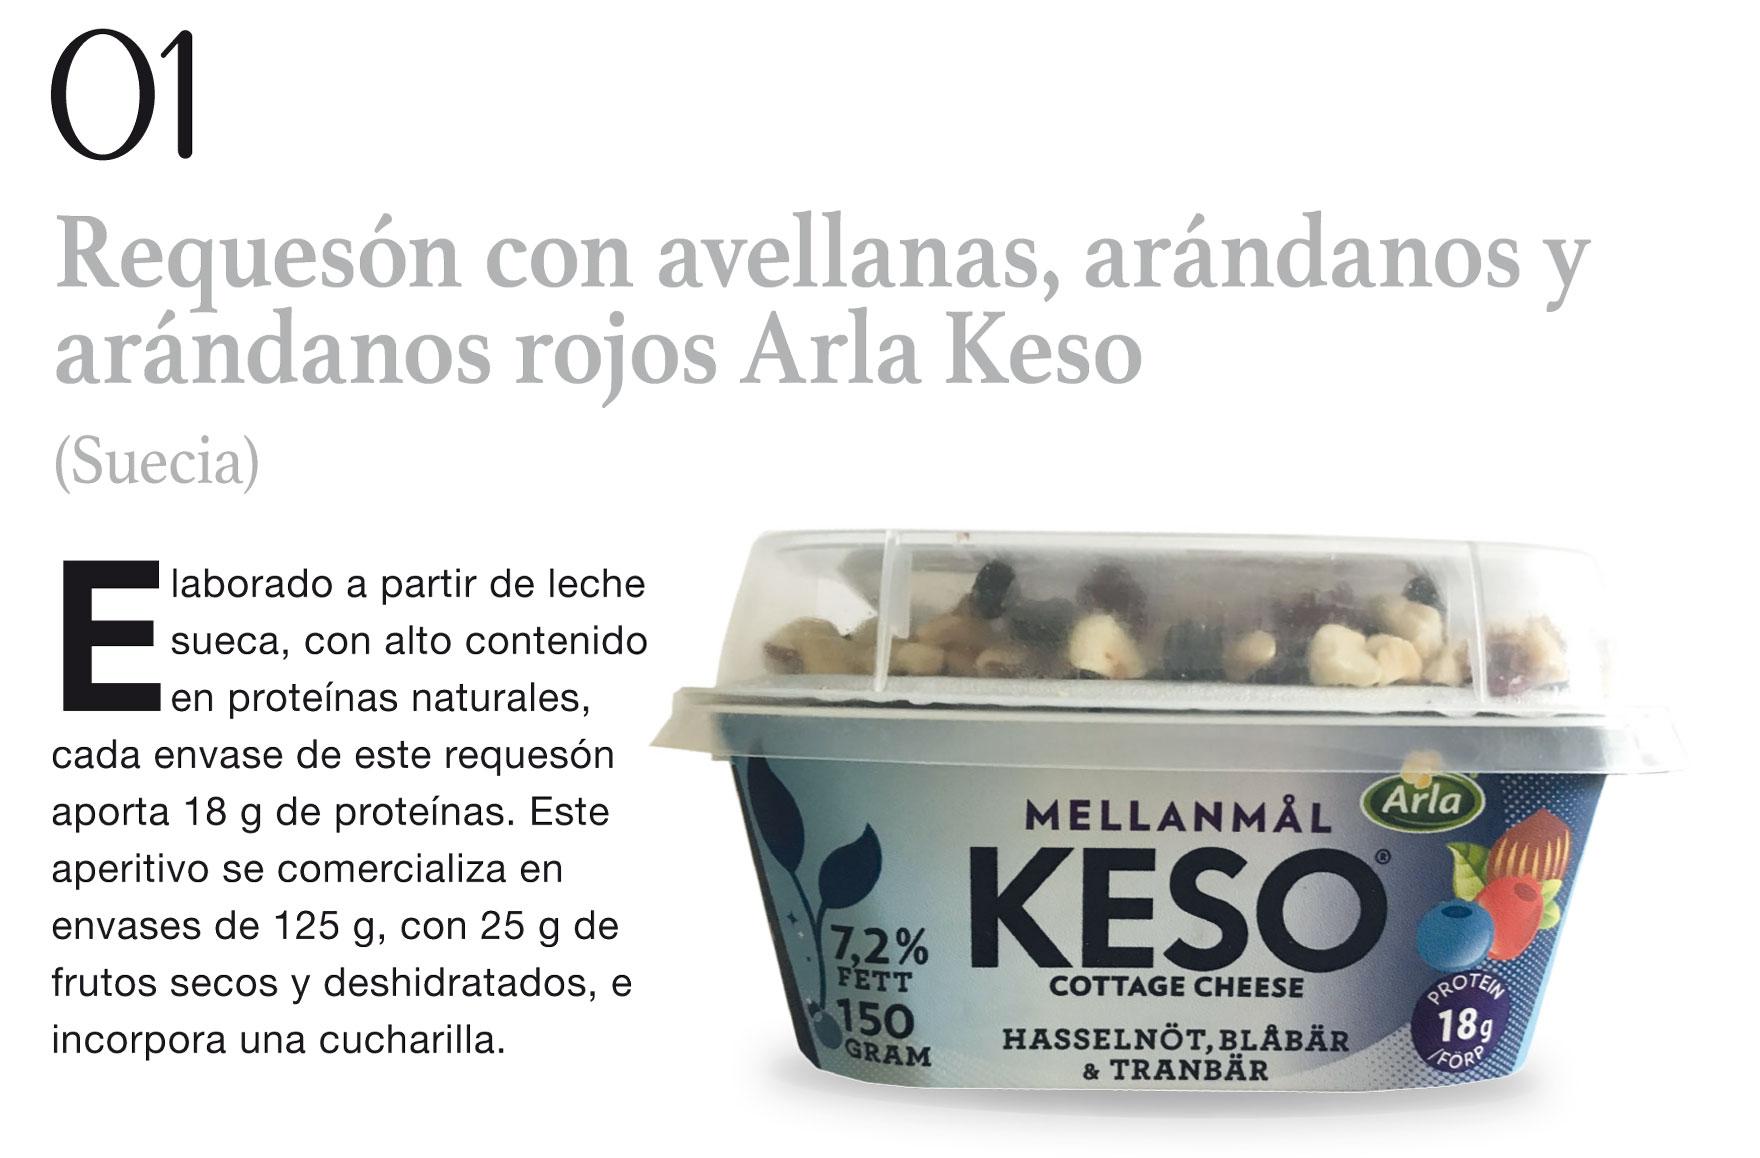 Requesón con avellanas, arándanos y arándanos rojos Arla Keso (Suecia)